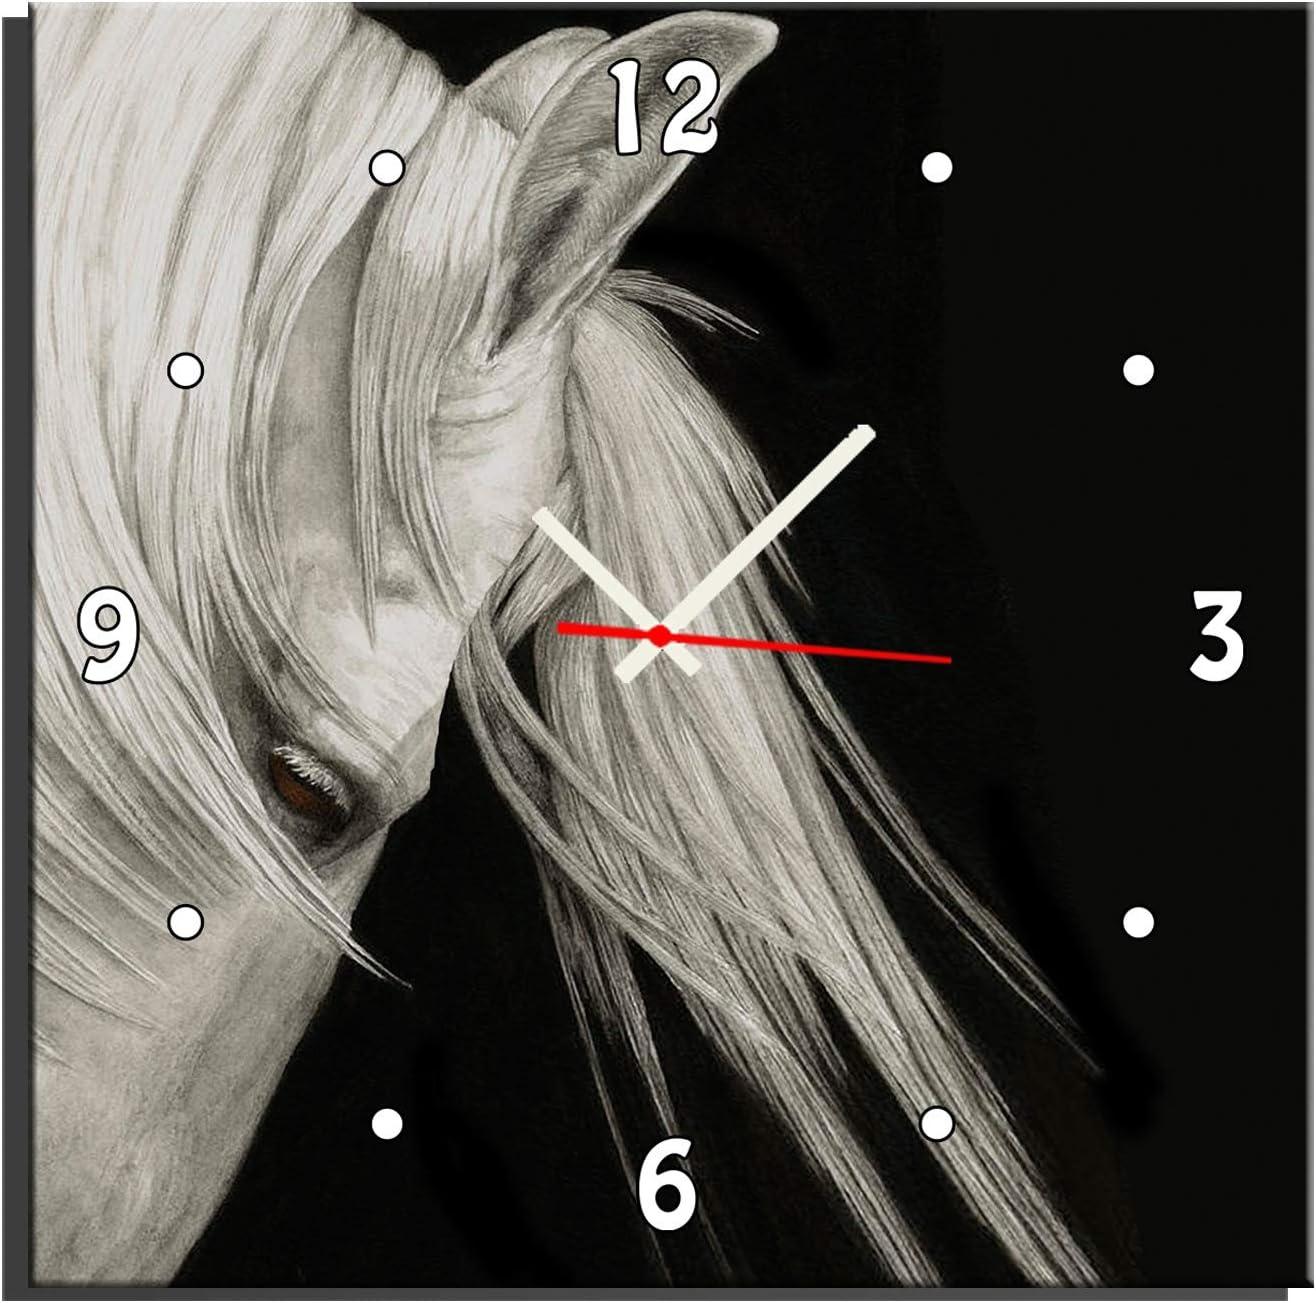 QSTRE Lienzo de Pintura Reloj de Pared. Patrón de Caballo Pintura Sin Marco Decoración de Pared. para Sala de Estar Dormitorio Oficina,60 * 60cm